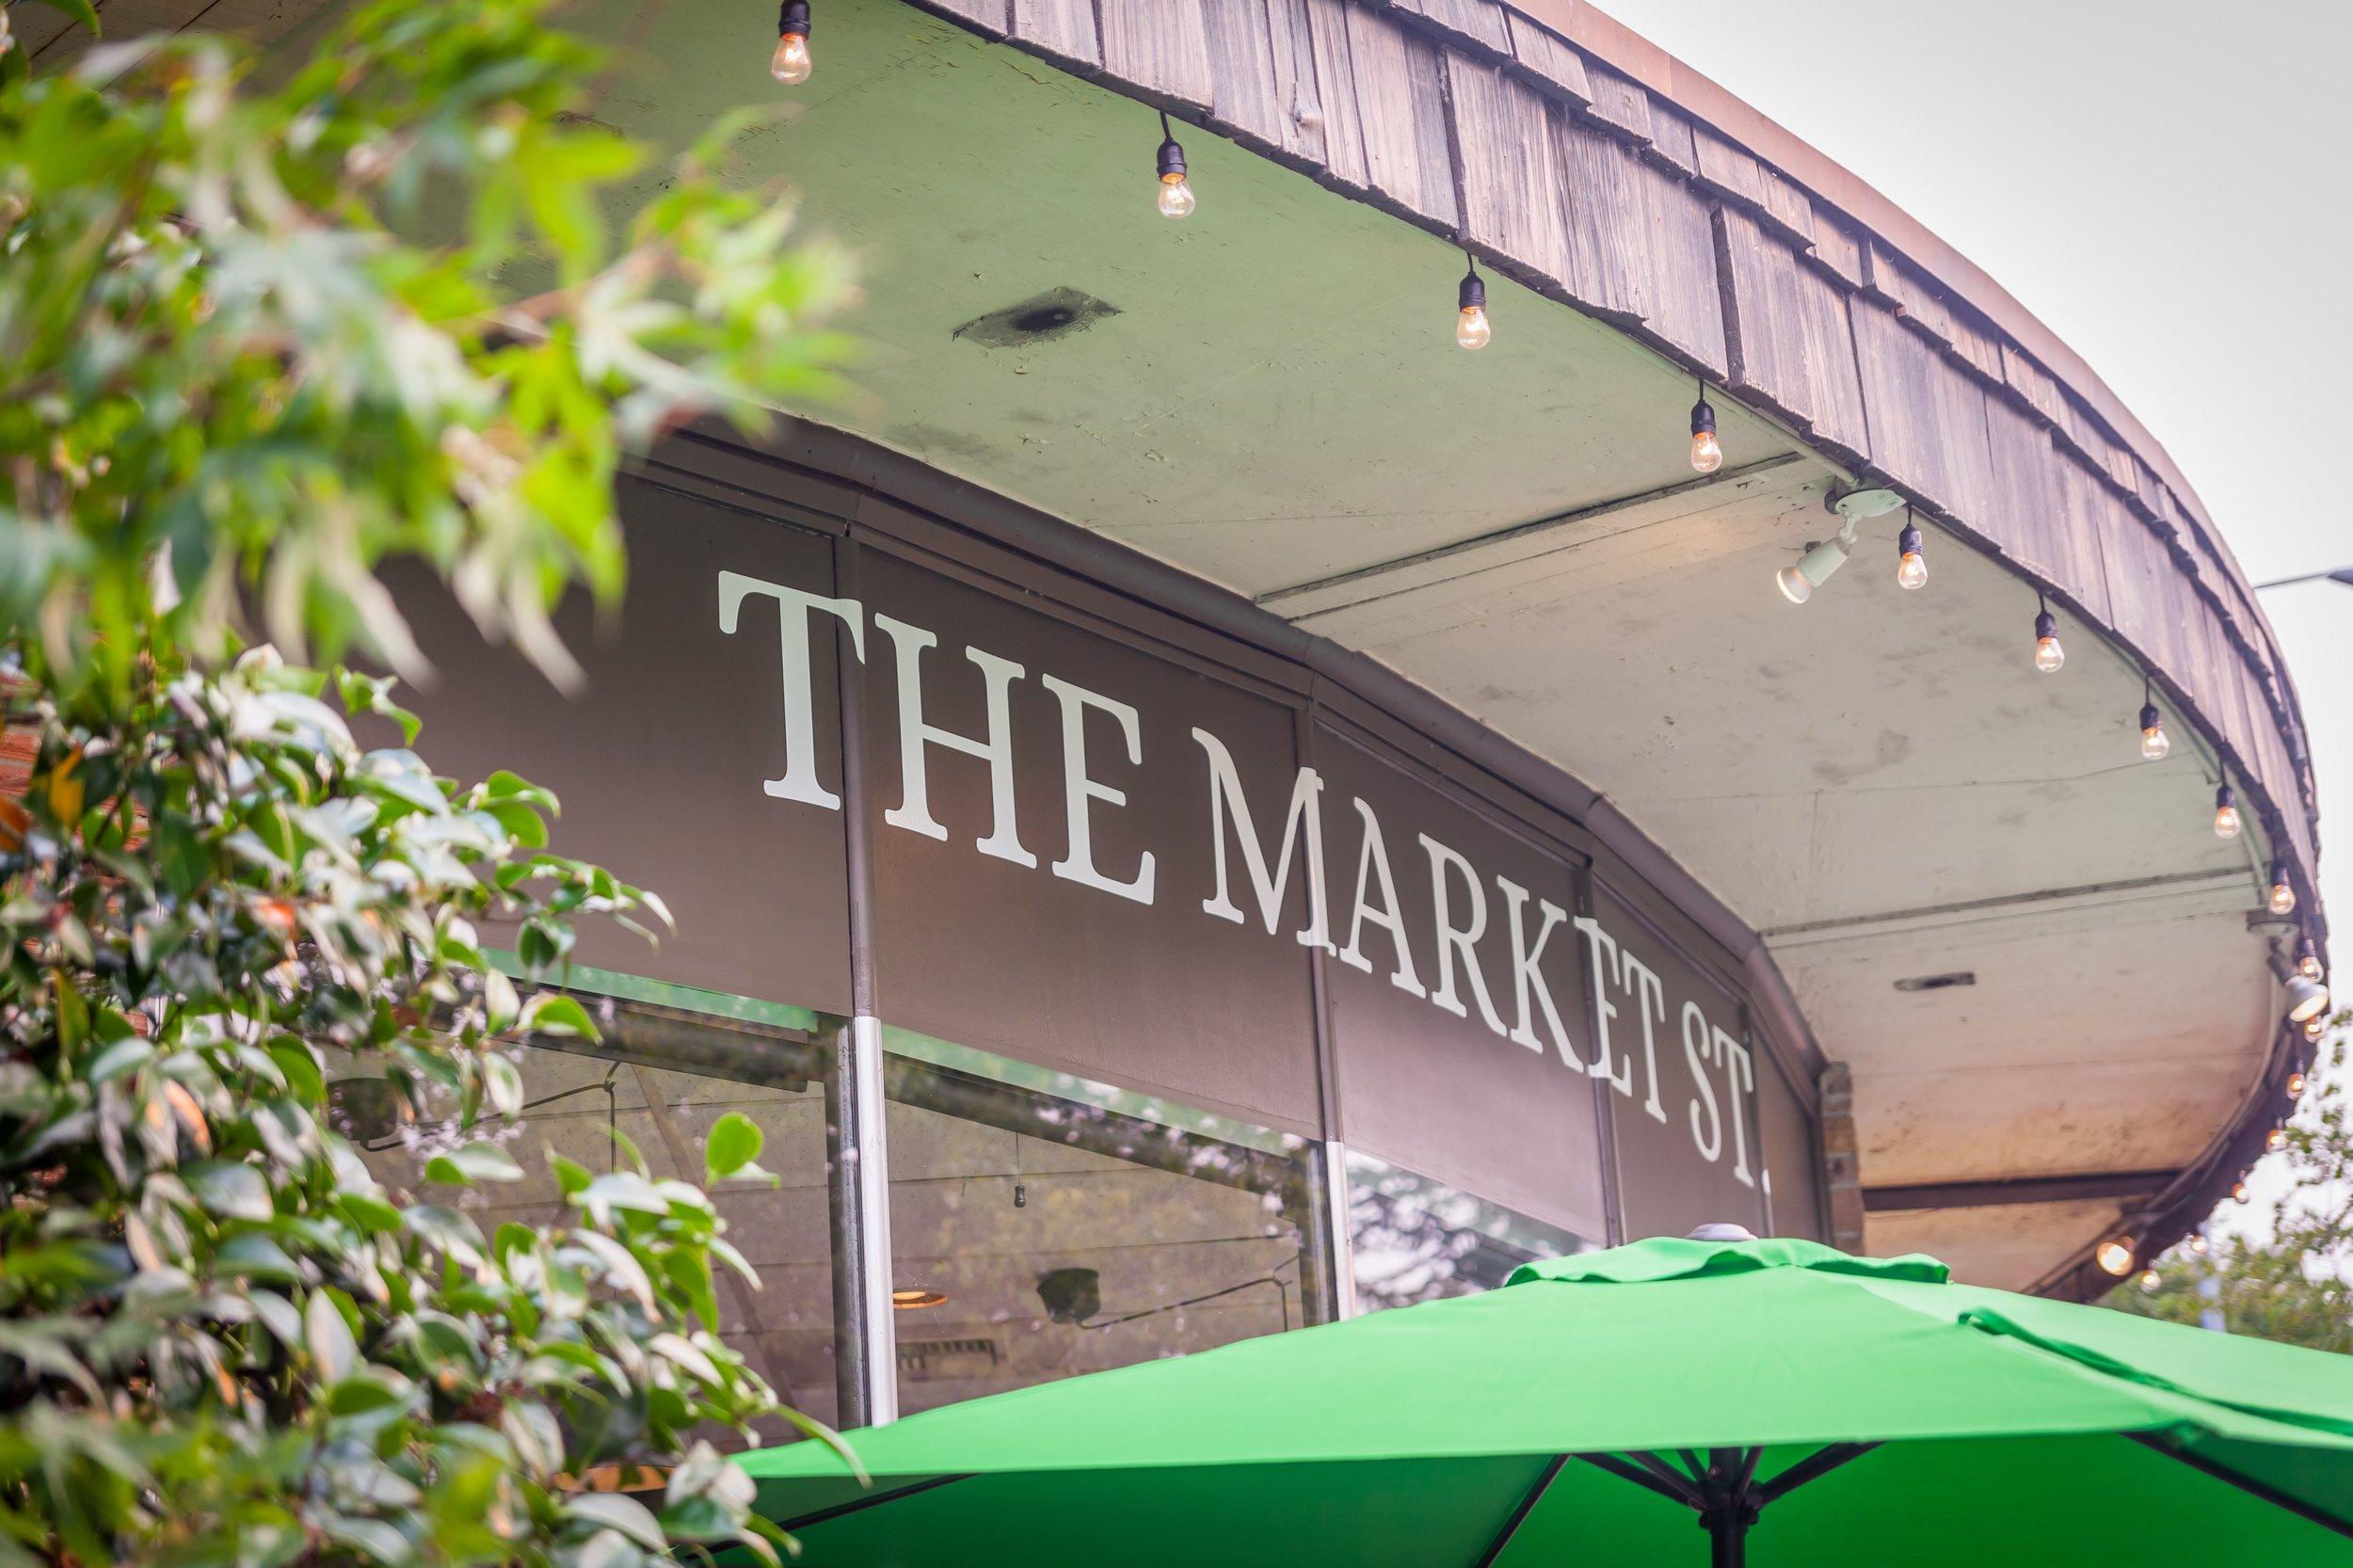 TheMarketSt.jpg